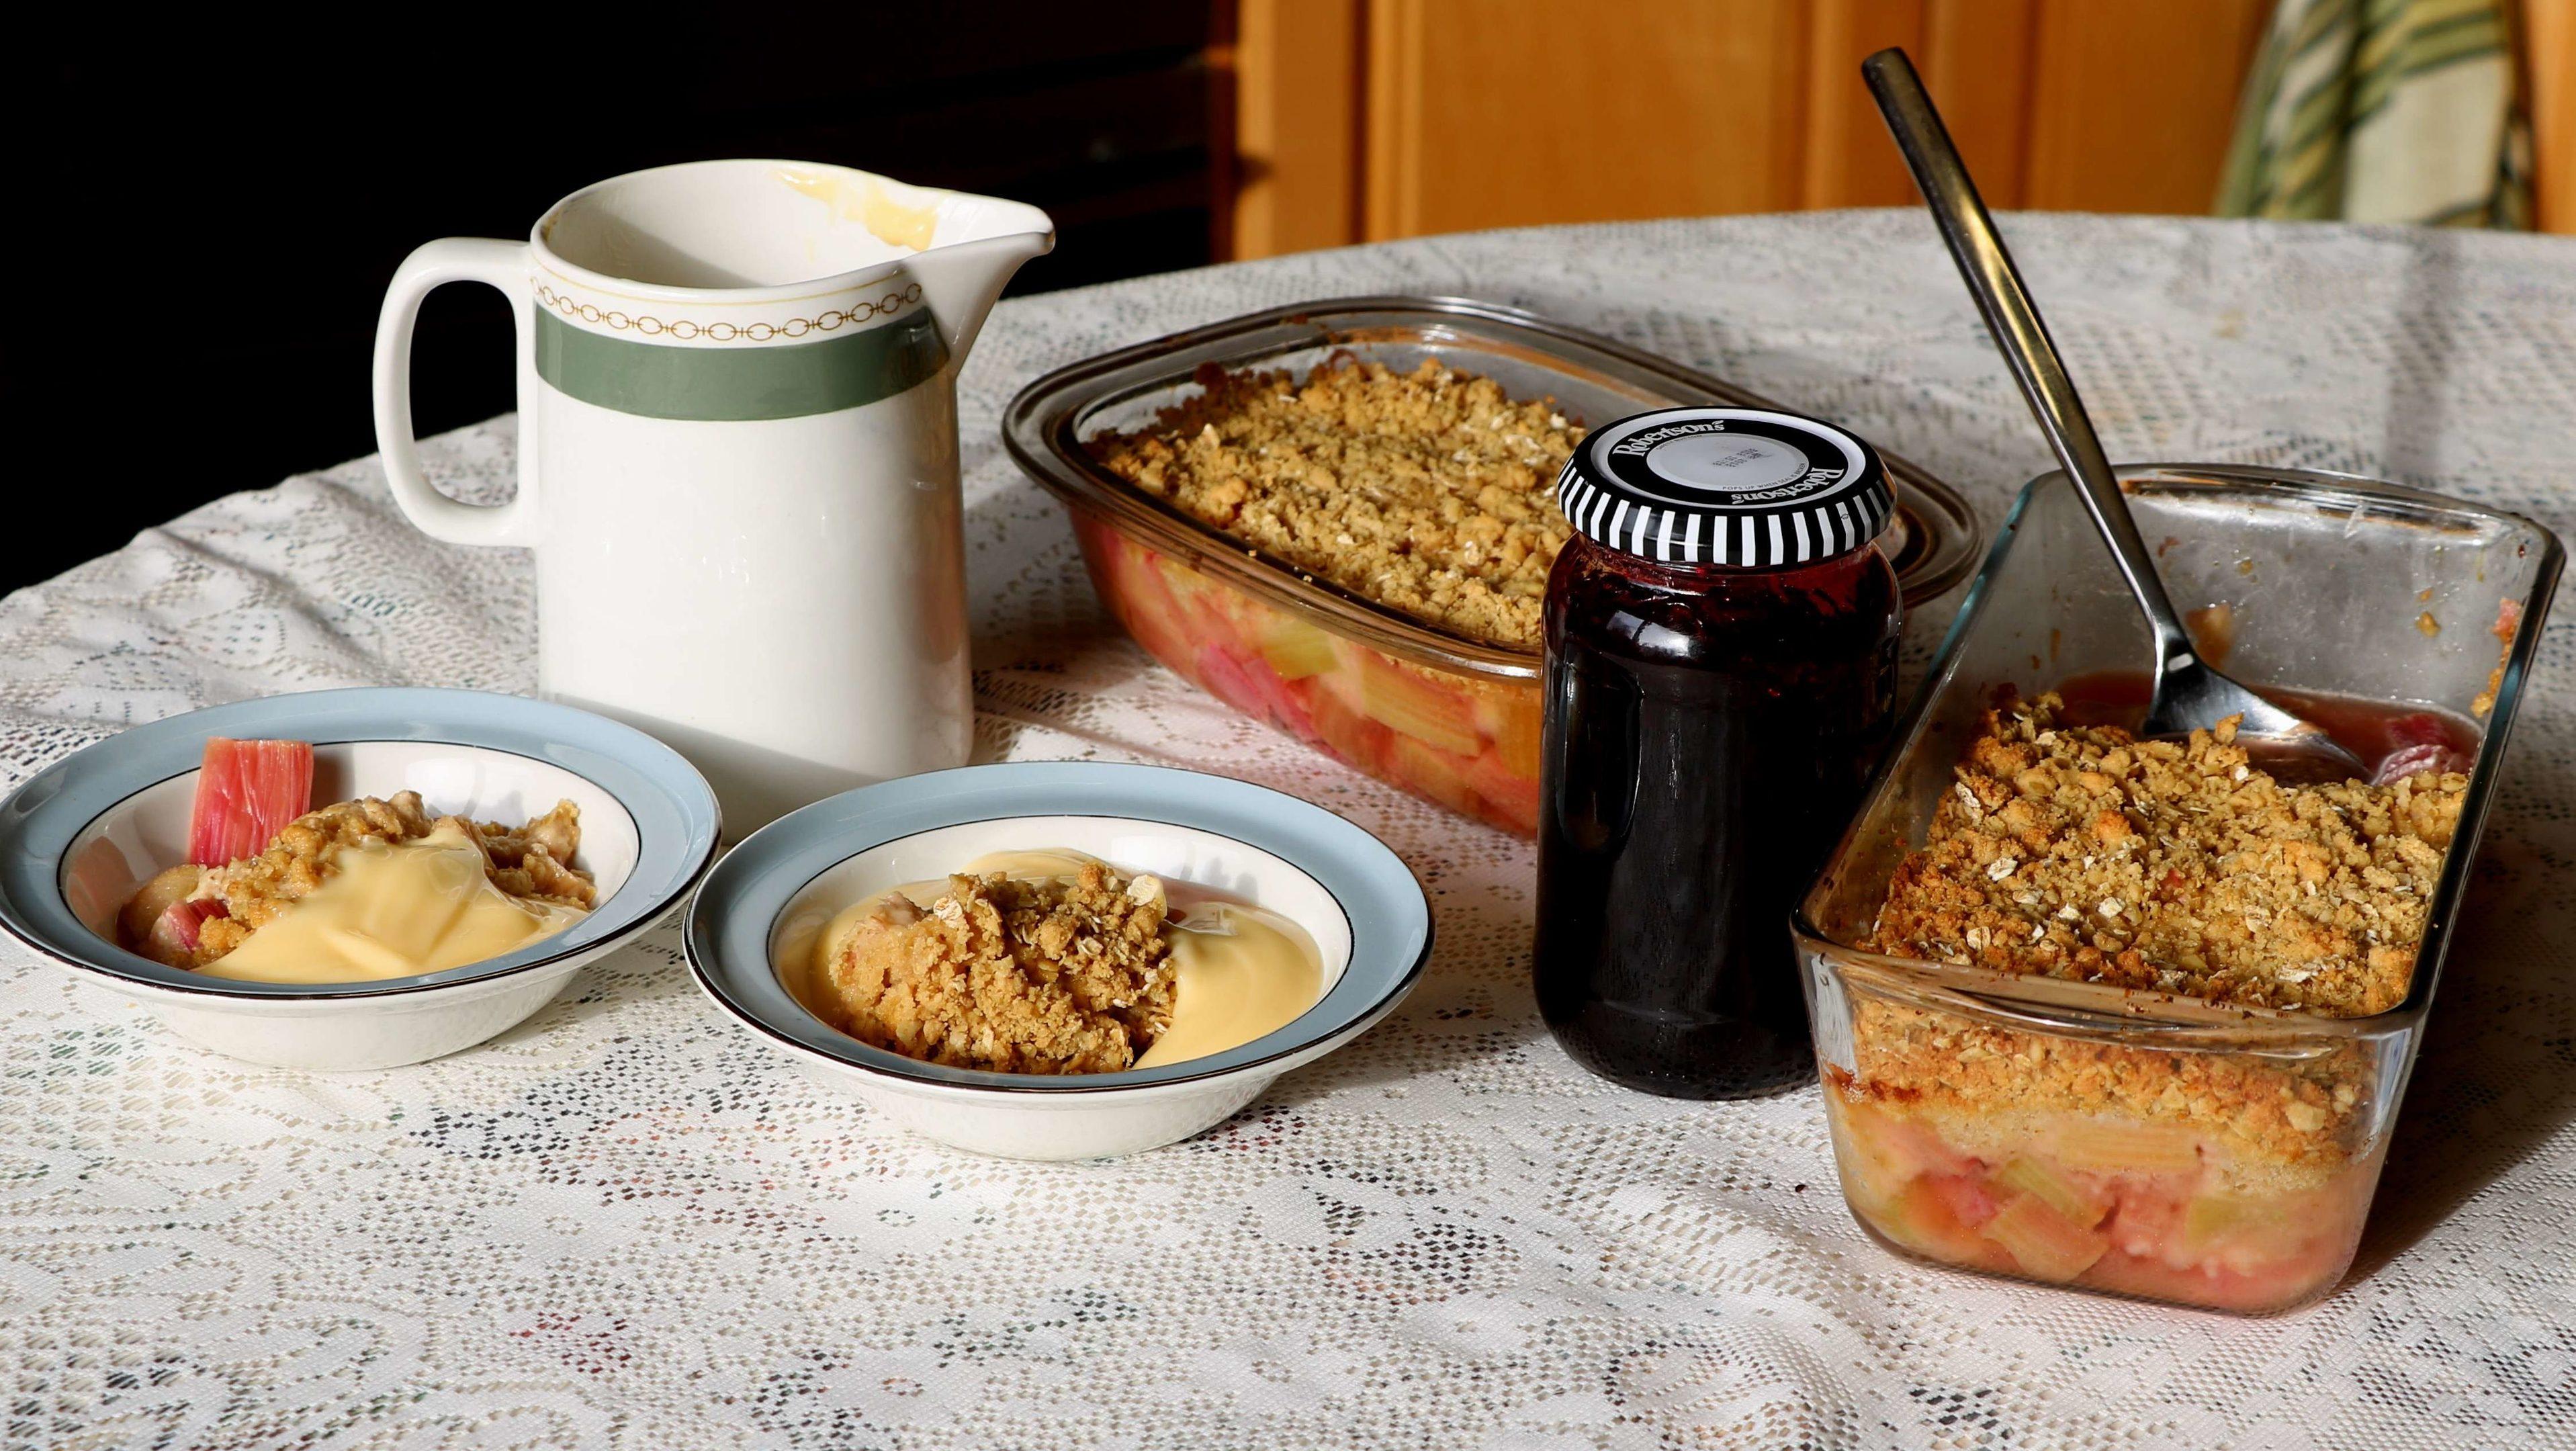 Rhubarb crumble and rhubarb and saskatoon jam